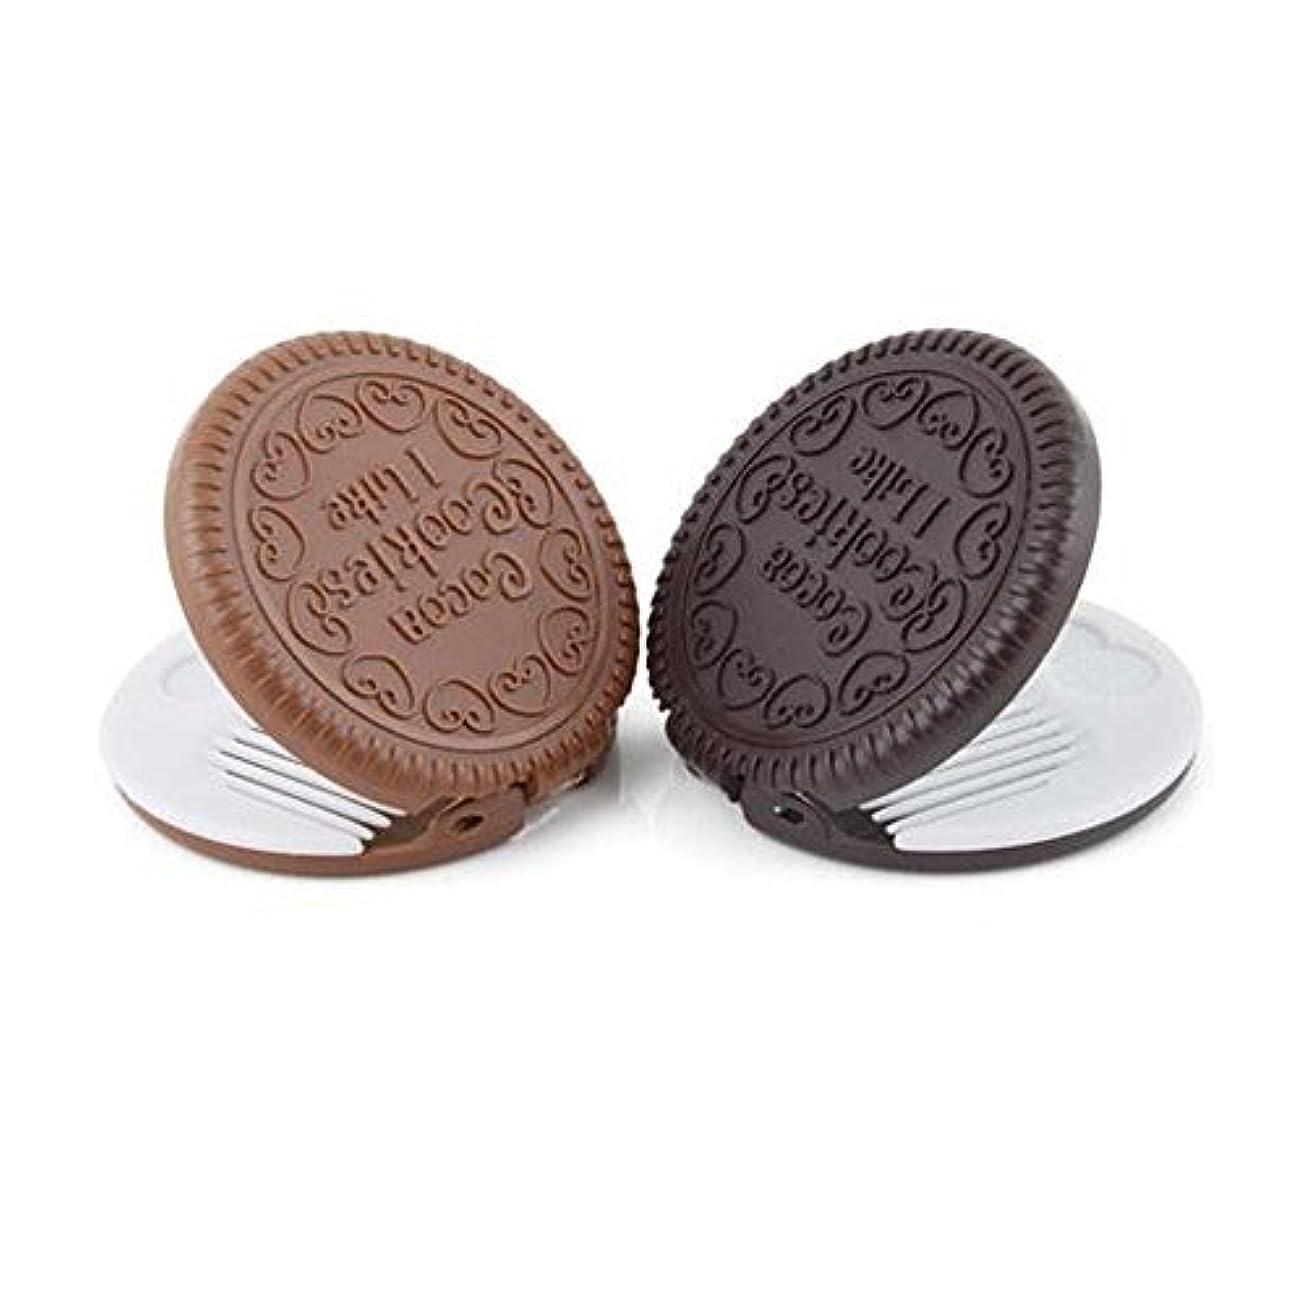 主流アサートとまり木yueton Pack of 2 Mini Pocket Chocolate Cookie Compact Mirror with Comb [並行輸入品]